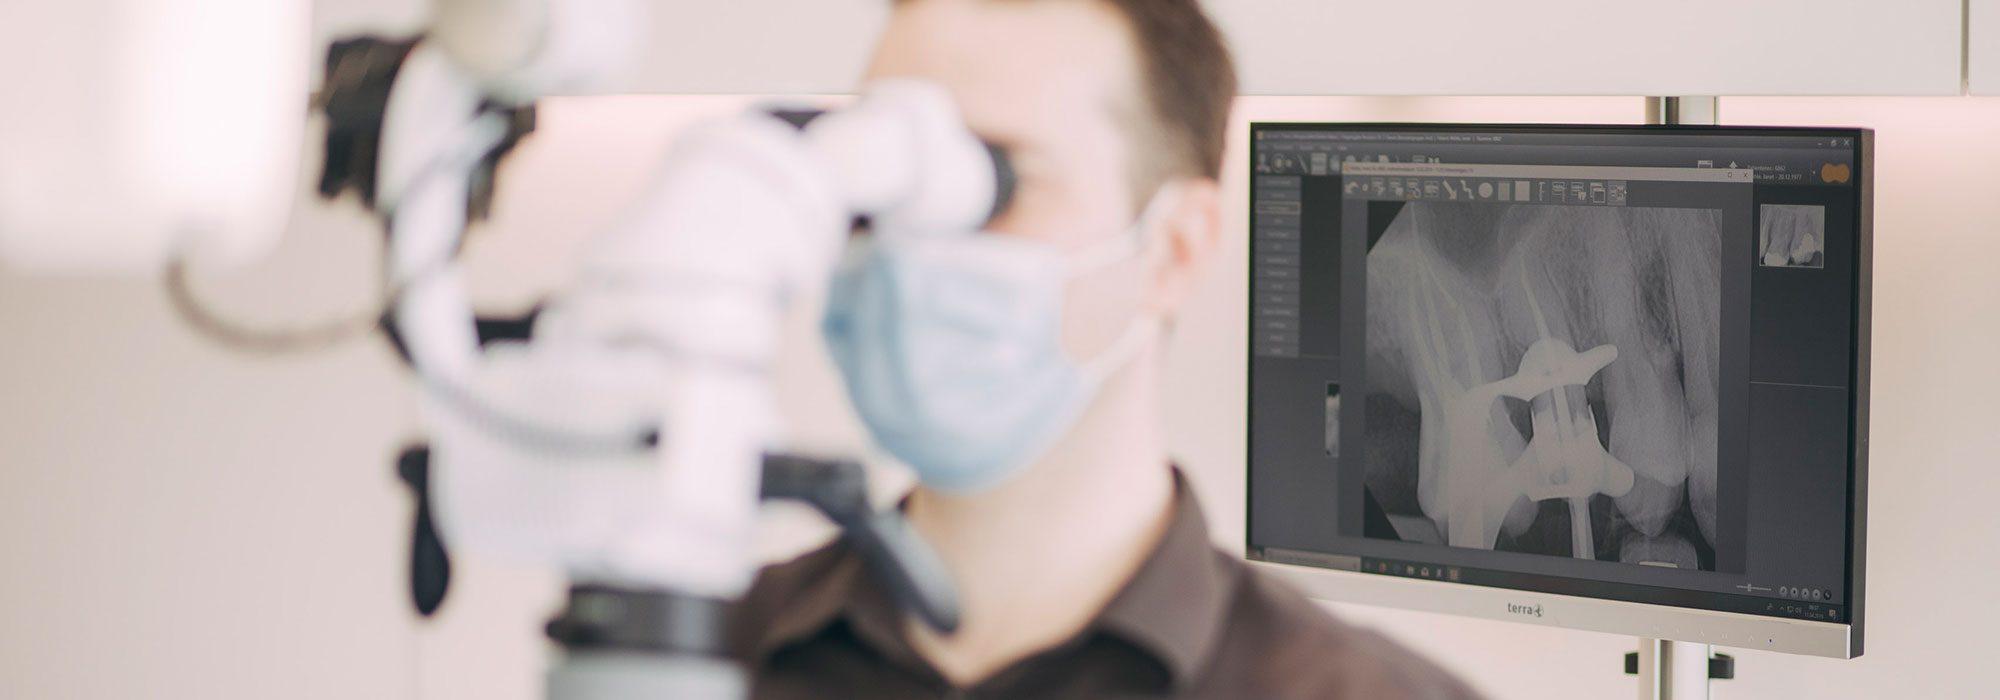 Dr. Andreas Euchner schaut durch Dentalmikroskop, im Hintergrund Vergrößerung der Zahnwurzelbehandlung in Baden-Baden.